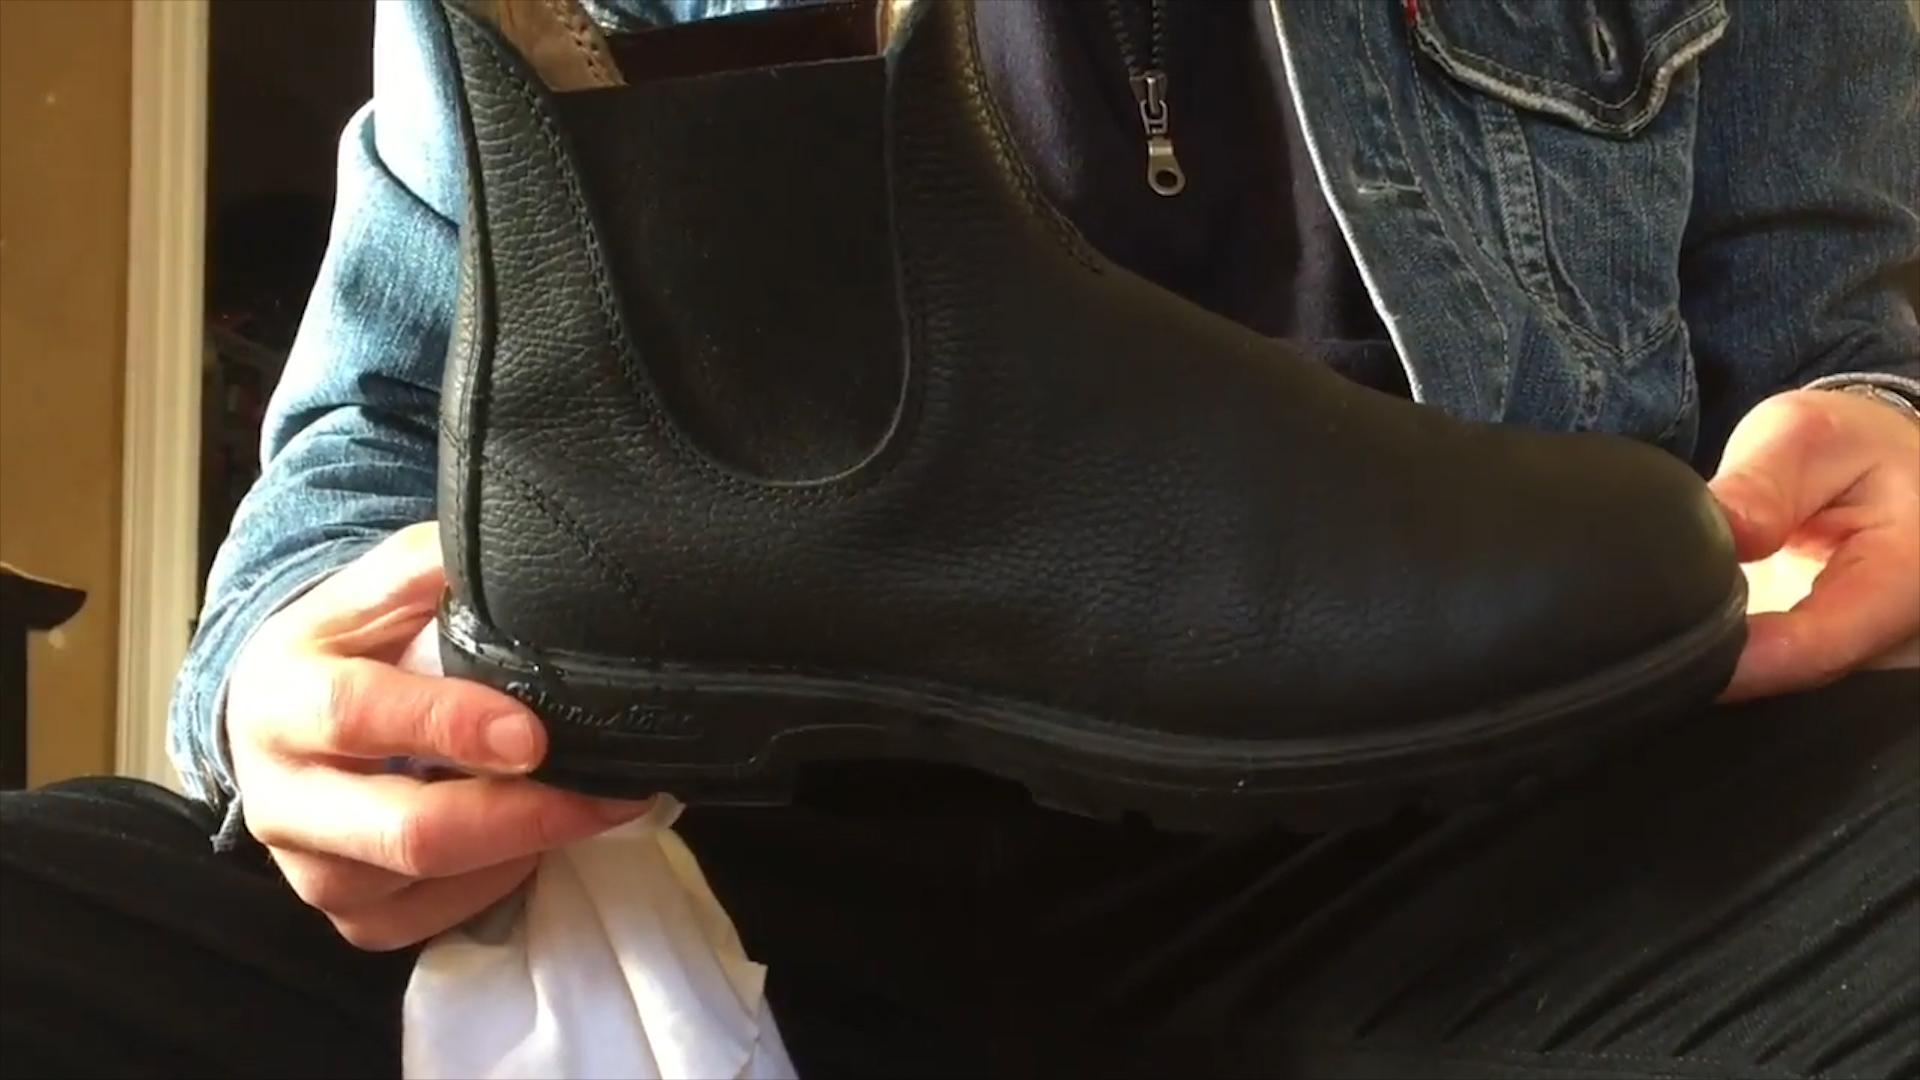 72aa9c4fe3ee Zabezpiecz buty przed solą. Ważna jest systematyczność (WIDEO)